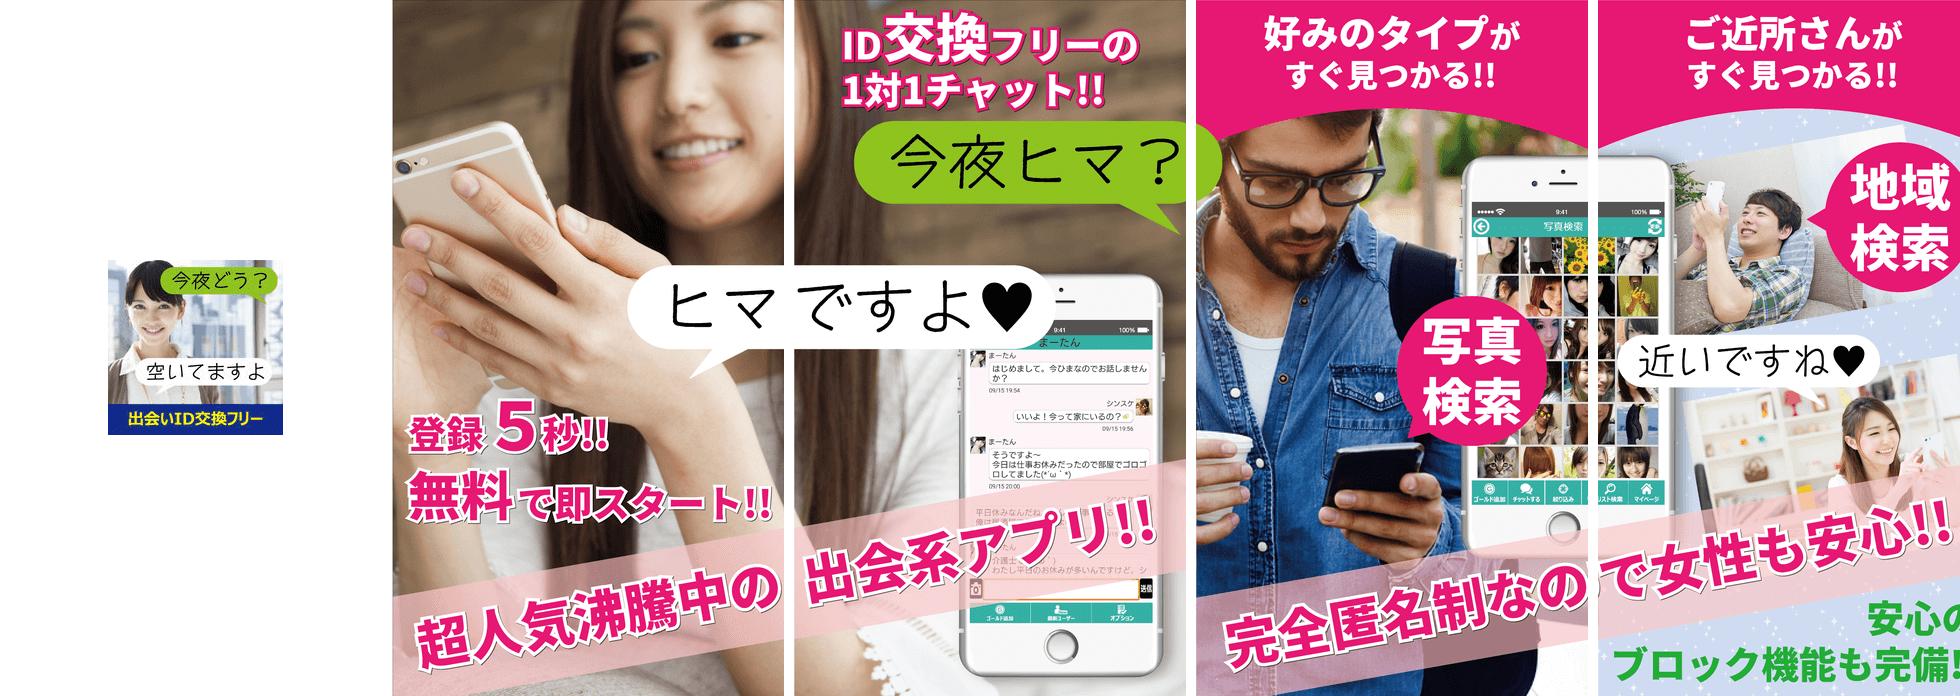 無料の出会いマッチングはアイコミ-即会いチャットアプリで恋人探し